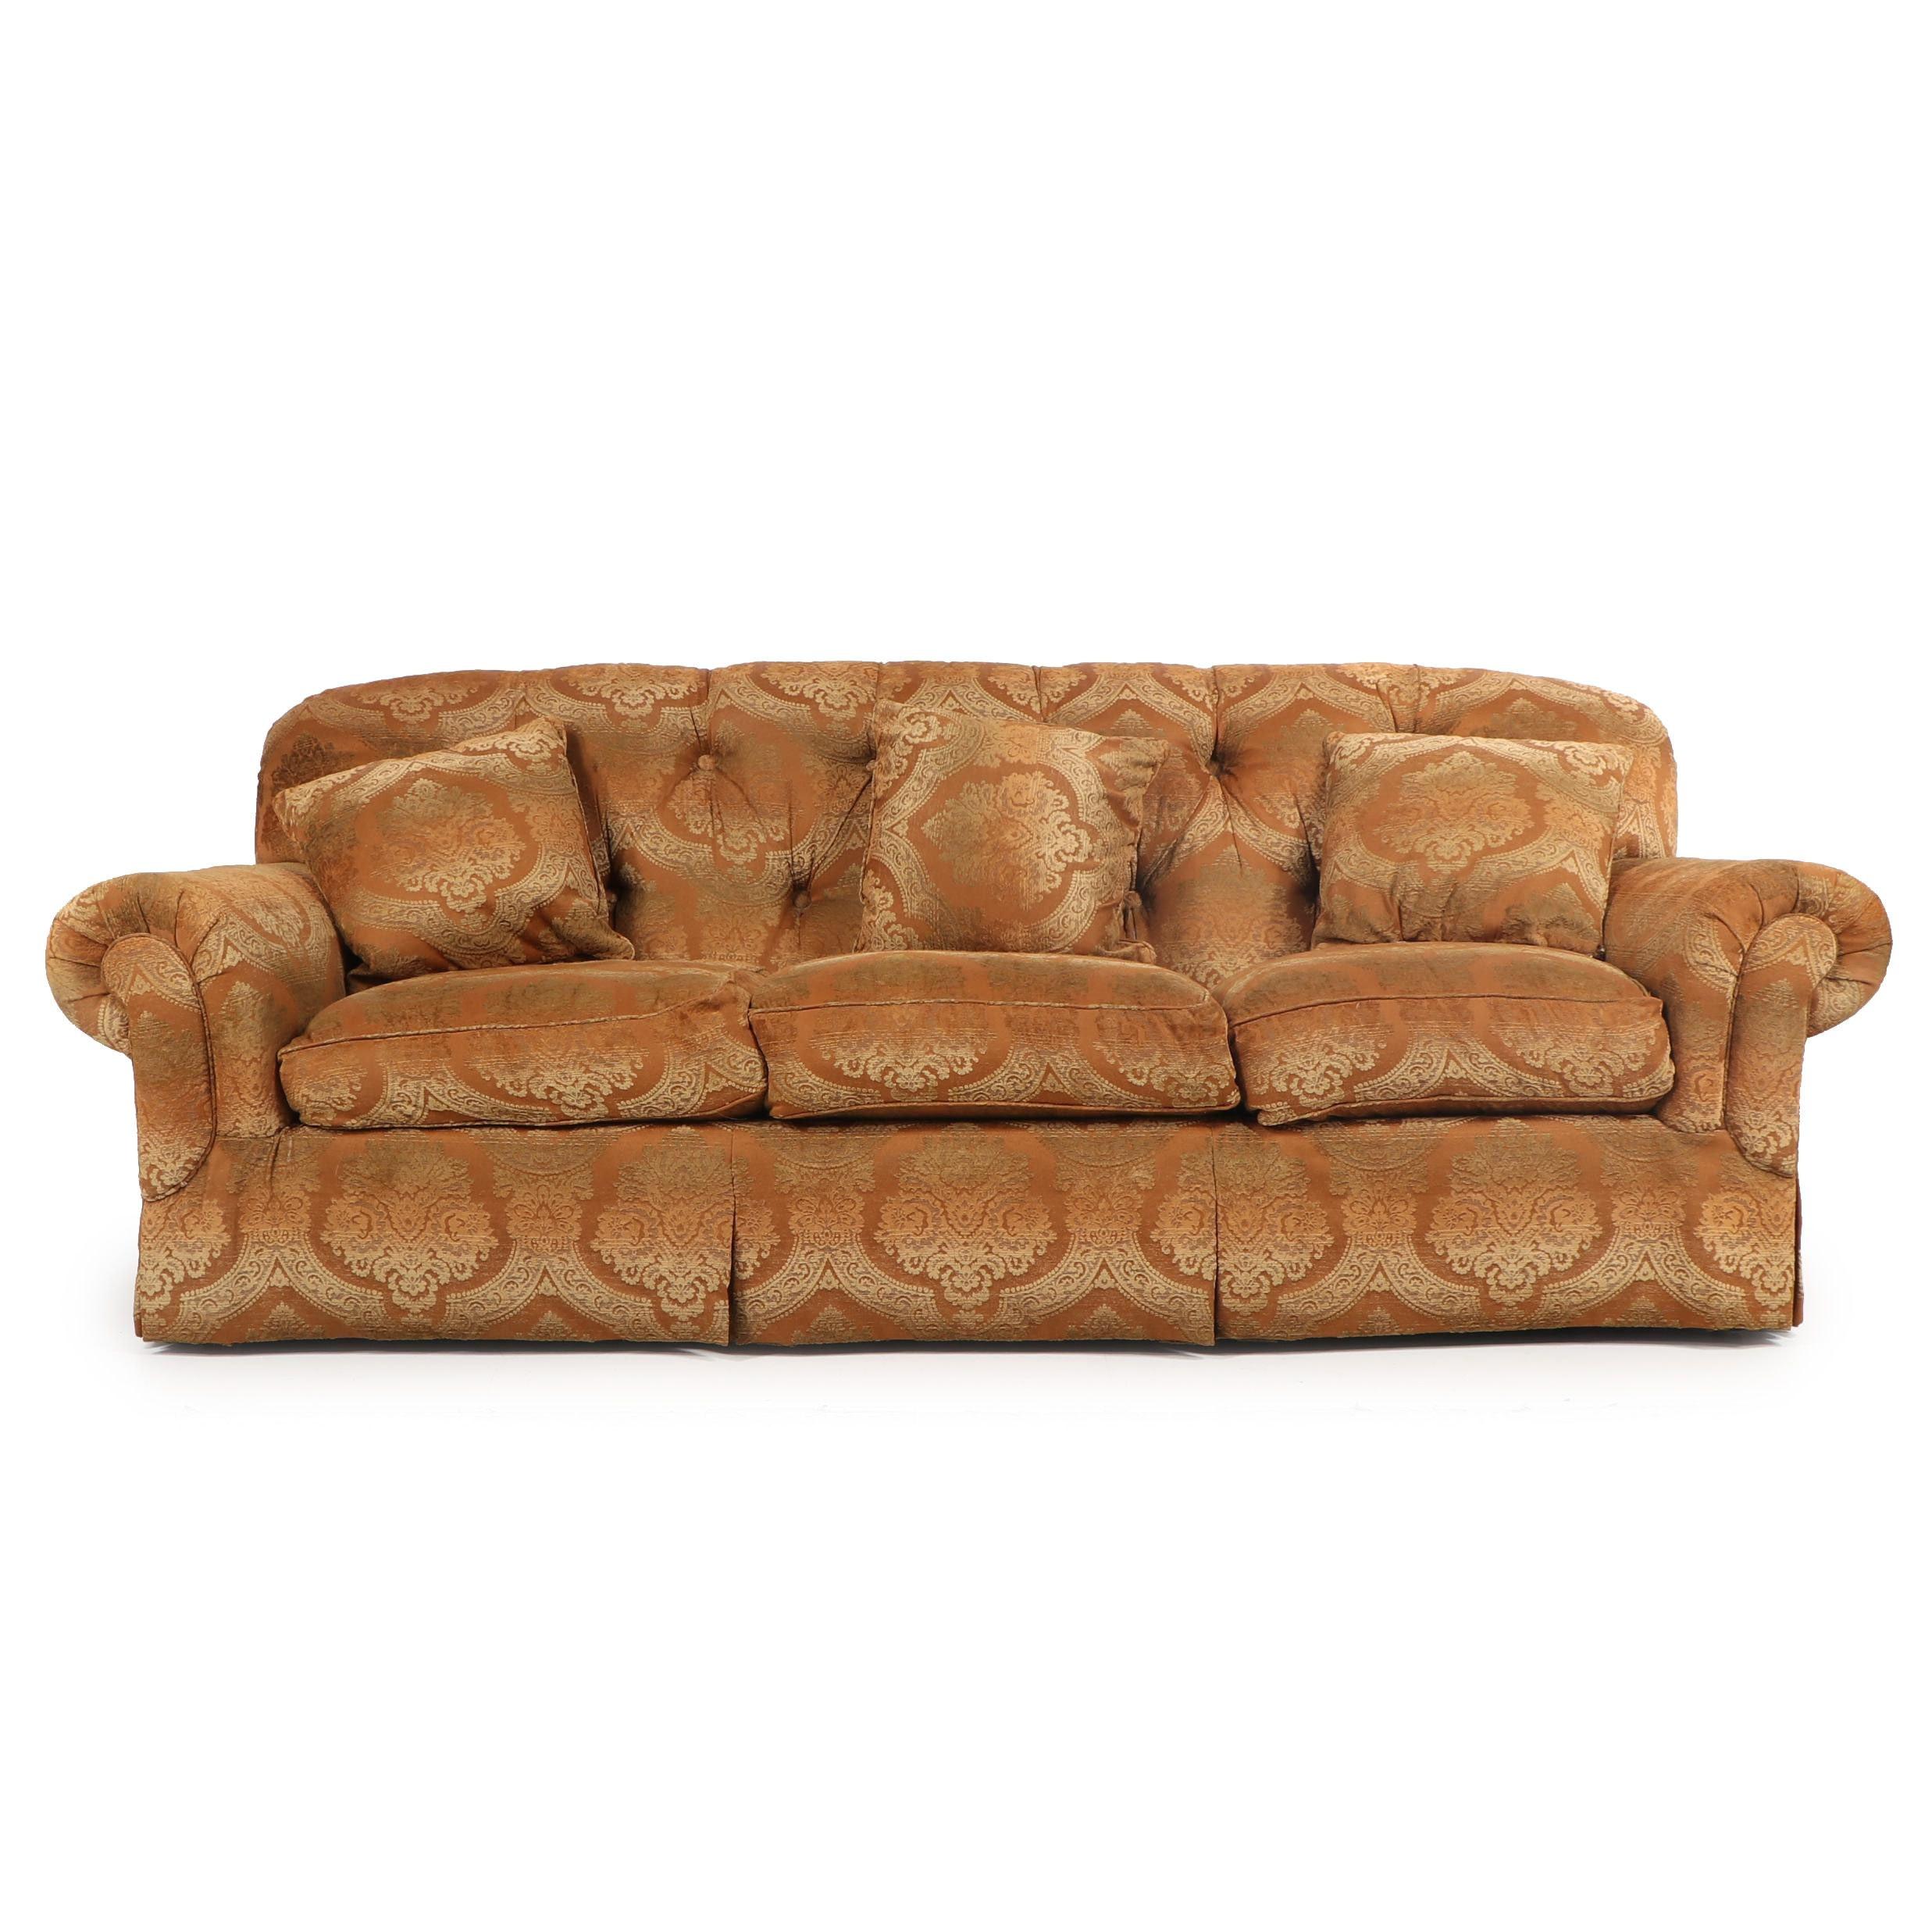 Chenille Damask Upholstered Sofa, 21st Century